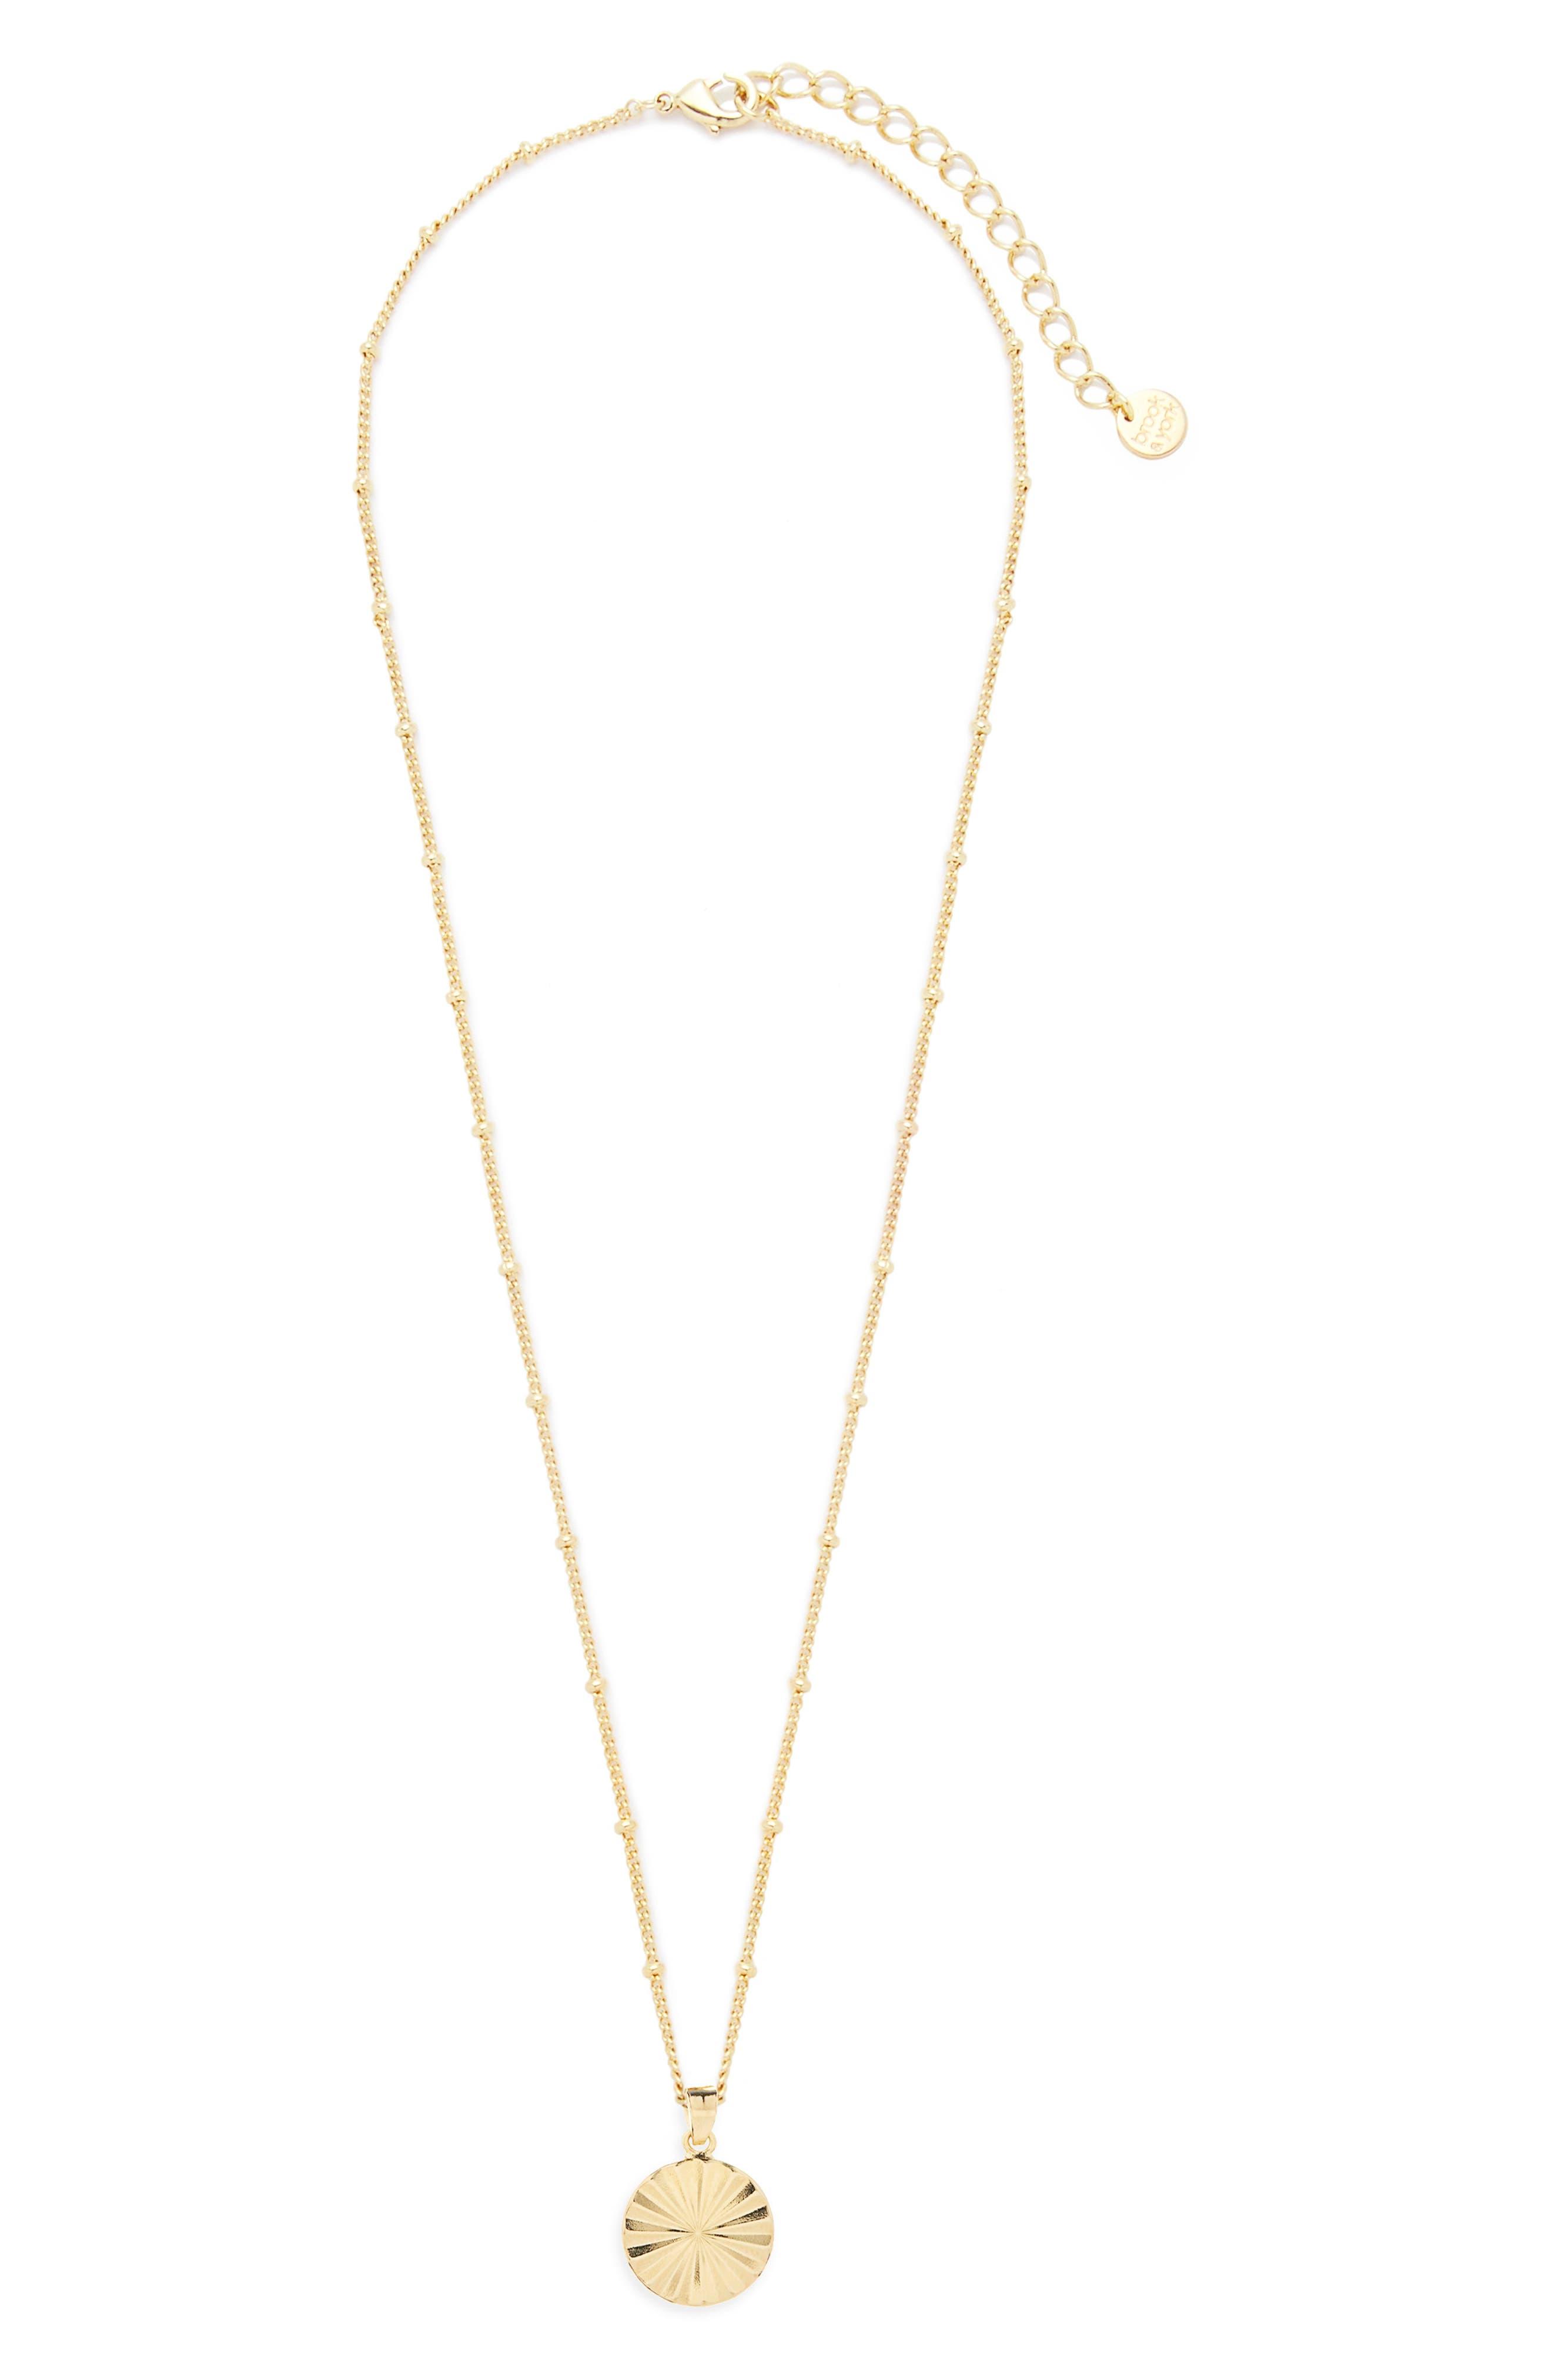 Celeste Sunburst Pendant Necklace